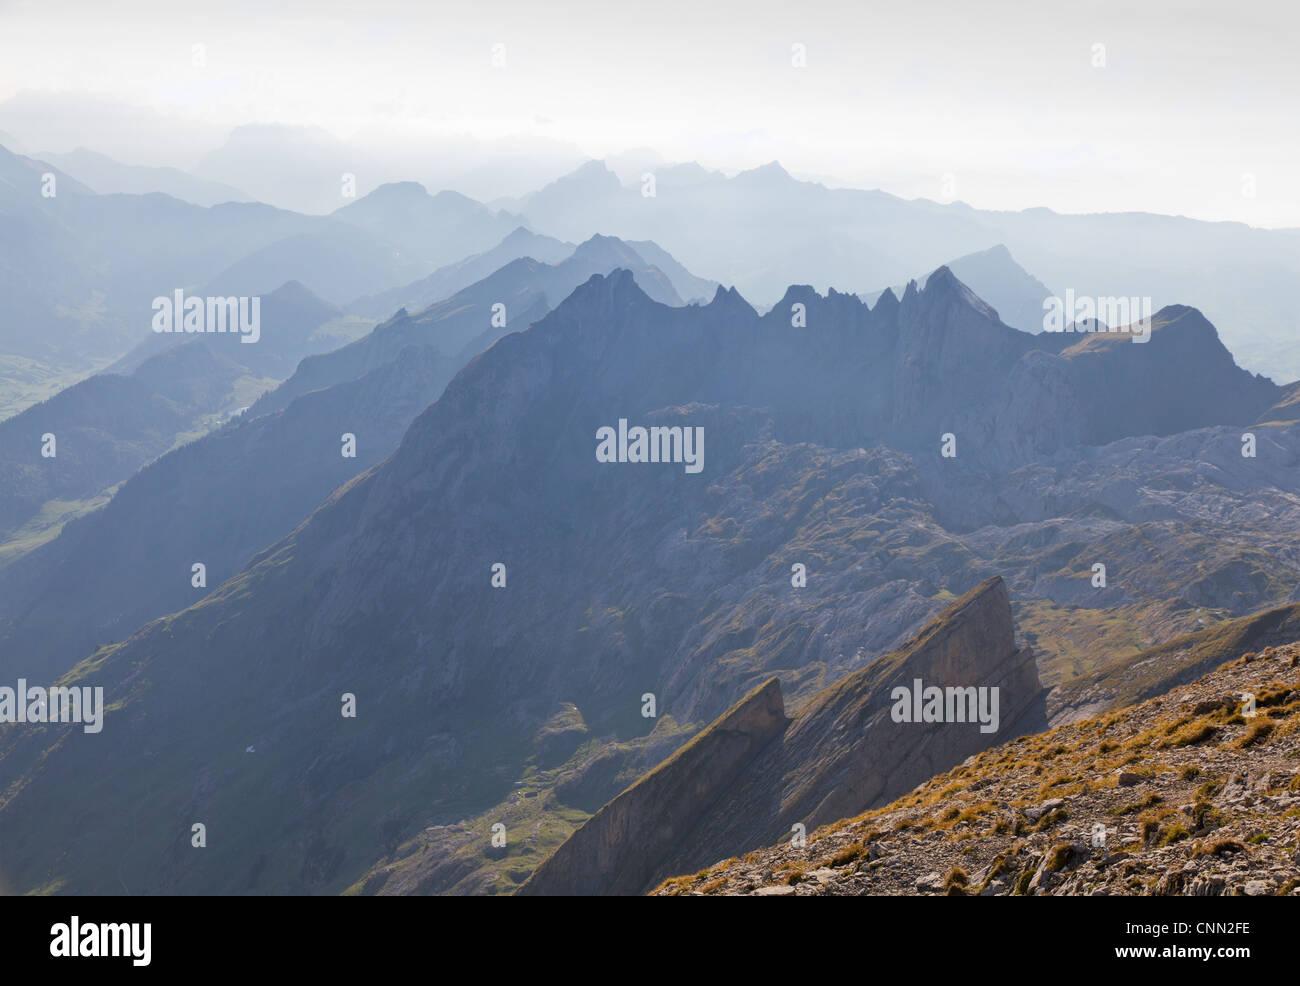 alpine zerlumpten scharfe Hochgebirge oberen Bereiche verschwinden in nebliger Ferne, Schweiz Stockbild